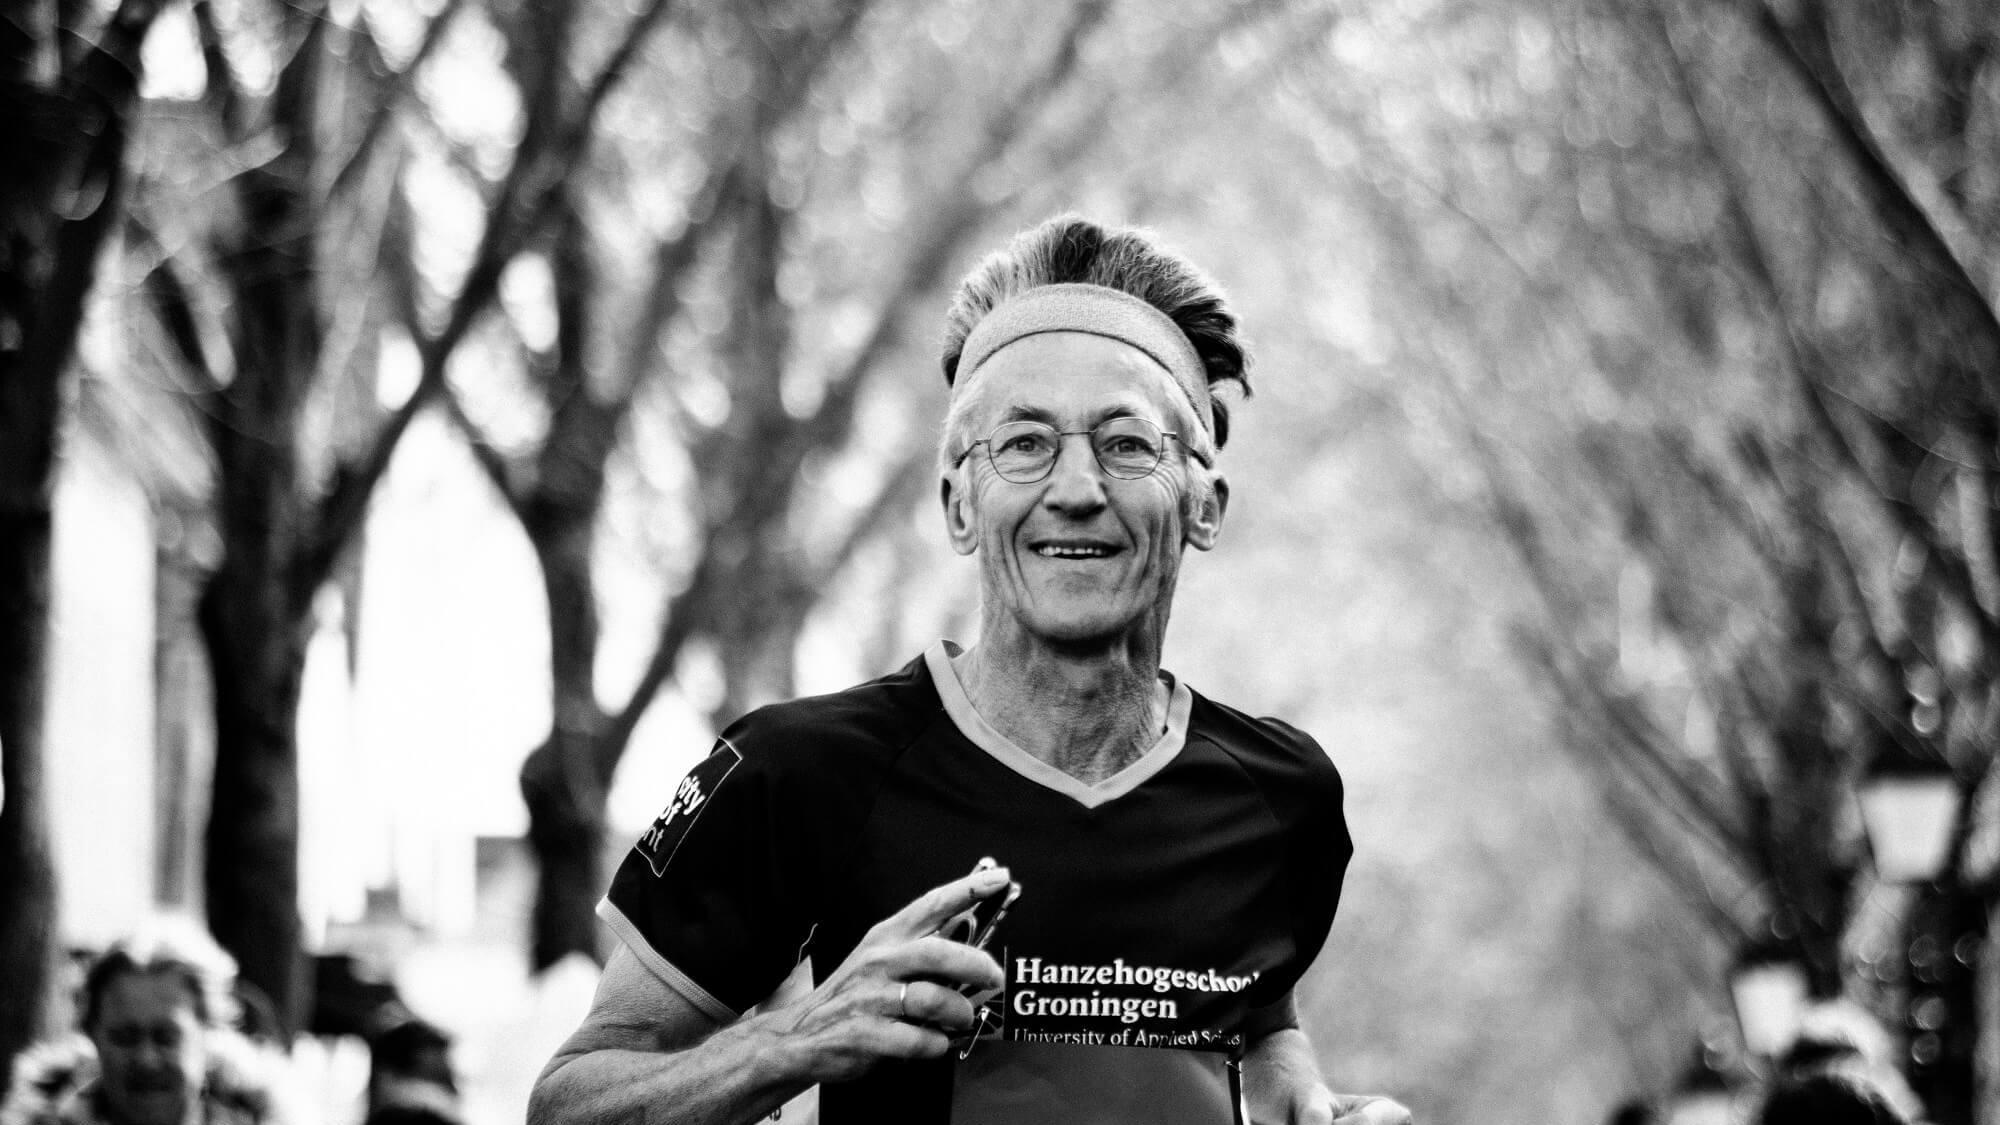 Hardloper tijdens de Stratenloop in Midsland op Koningsdag 2017.